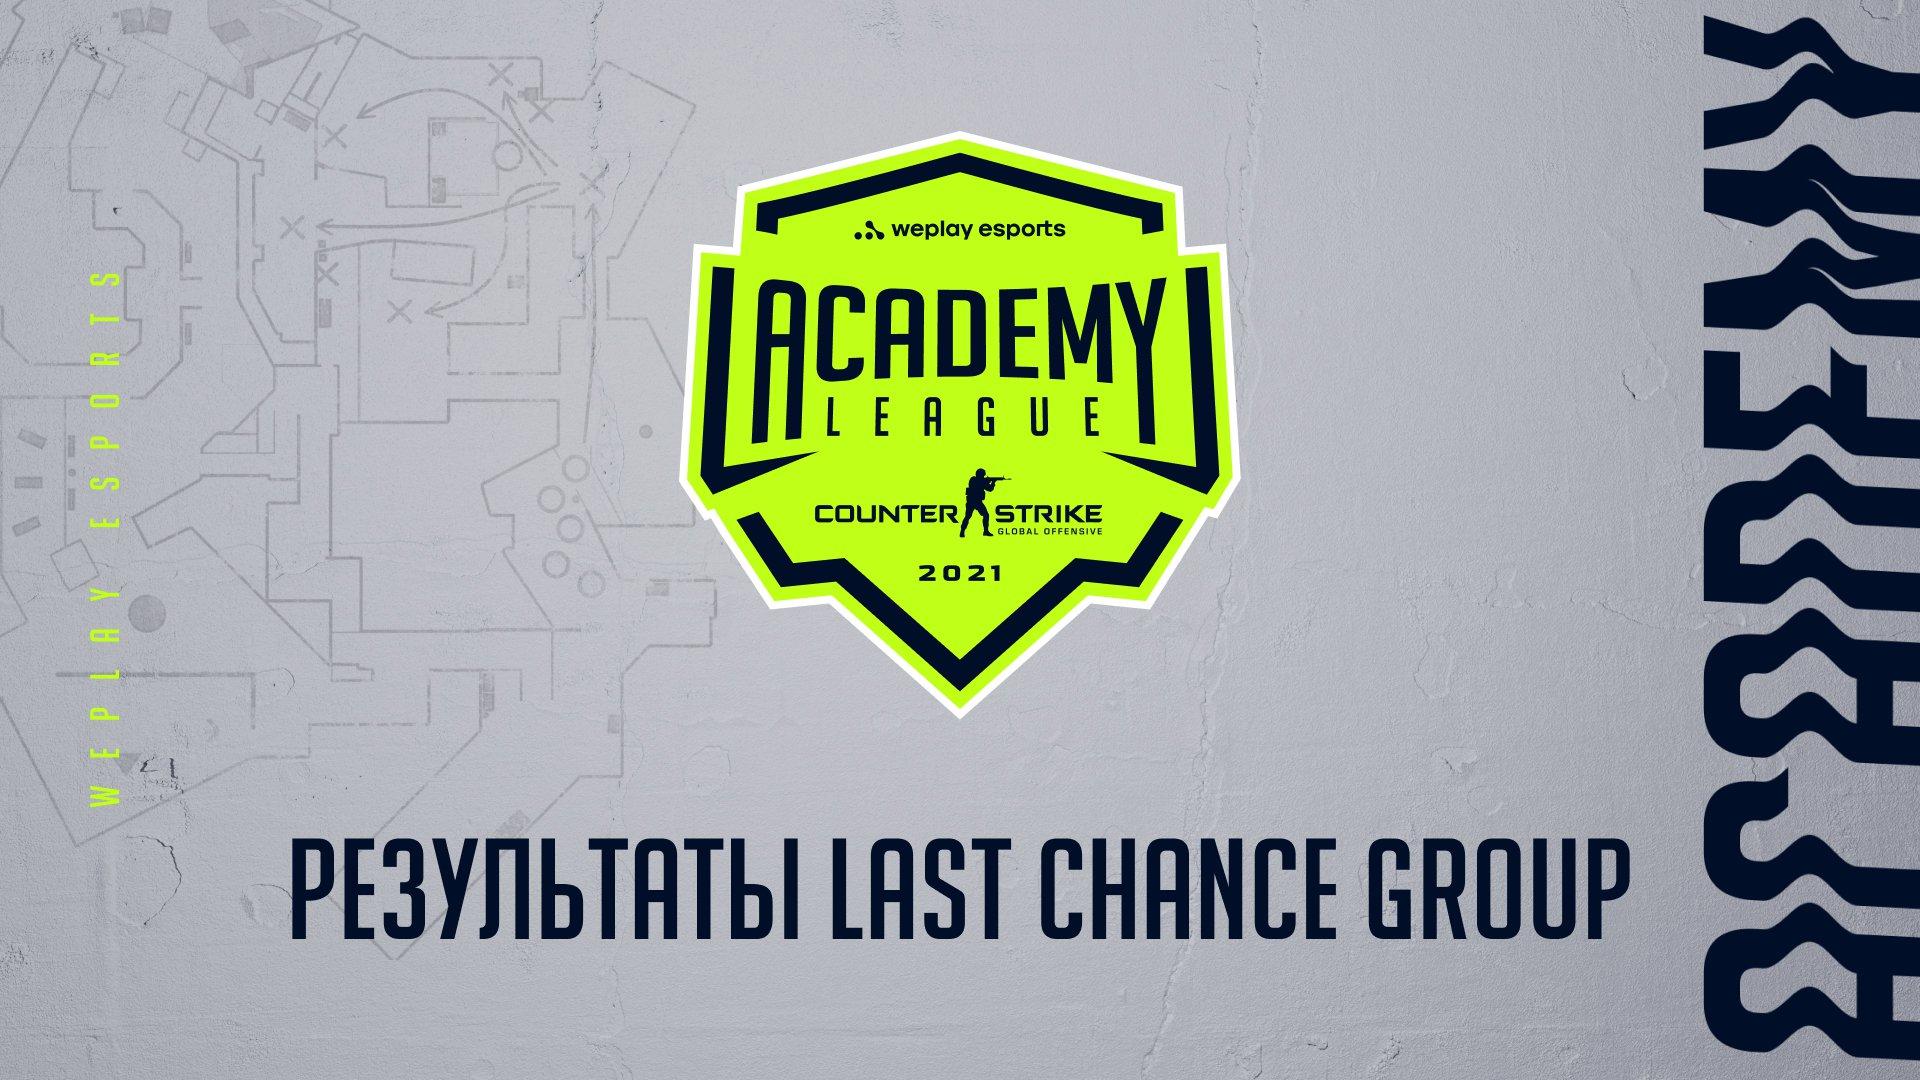 Результаты этапа Last Chance Group второго сезона WePlay Academy League. Изображение: WePlay Holding